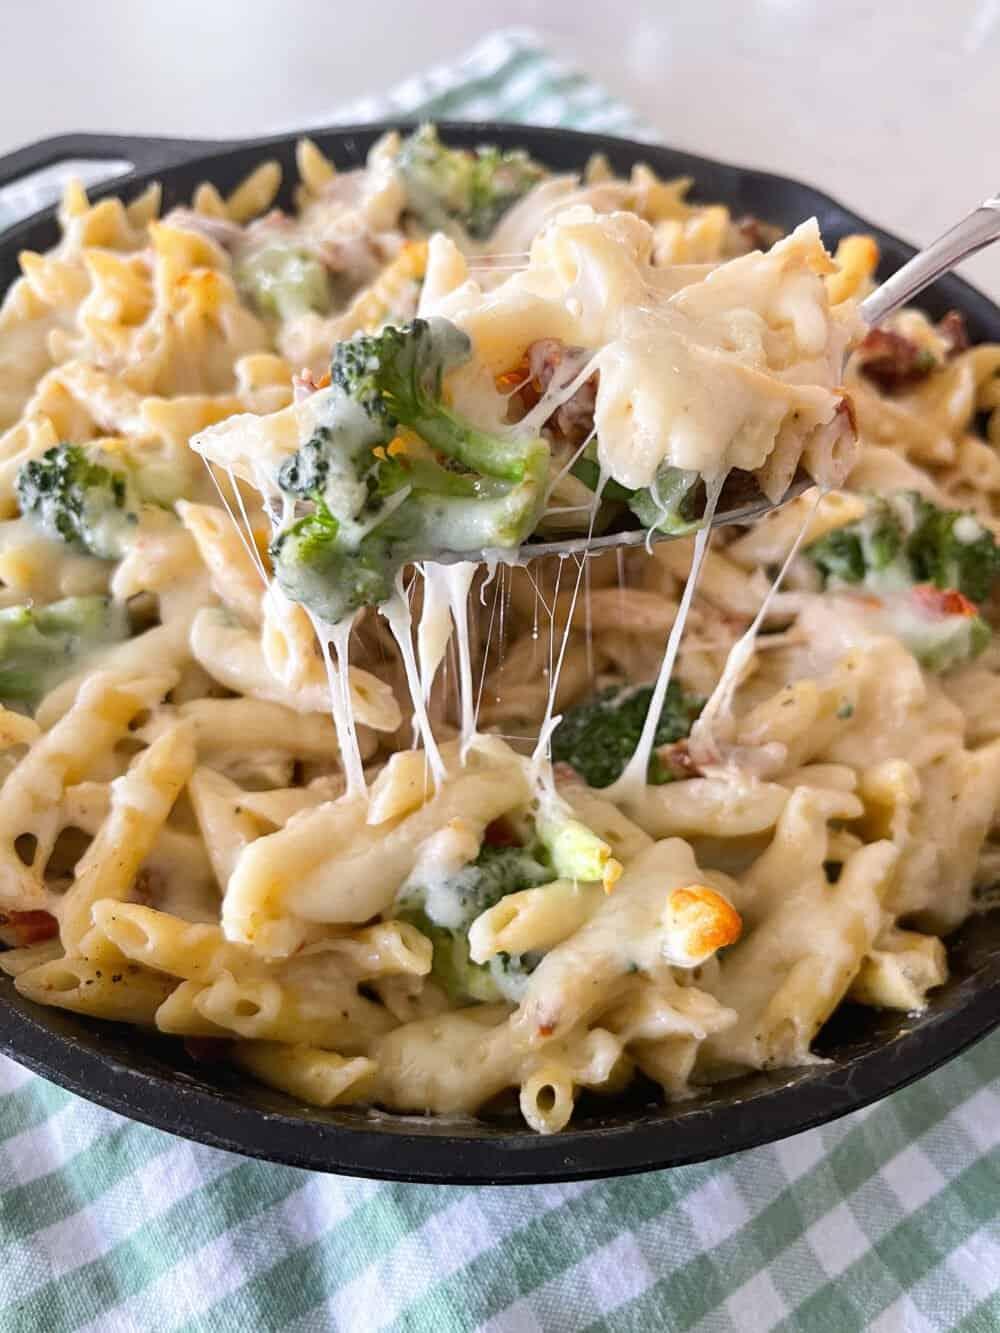 spooning up chicken pasta bake